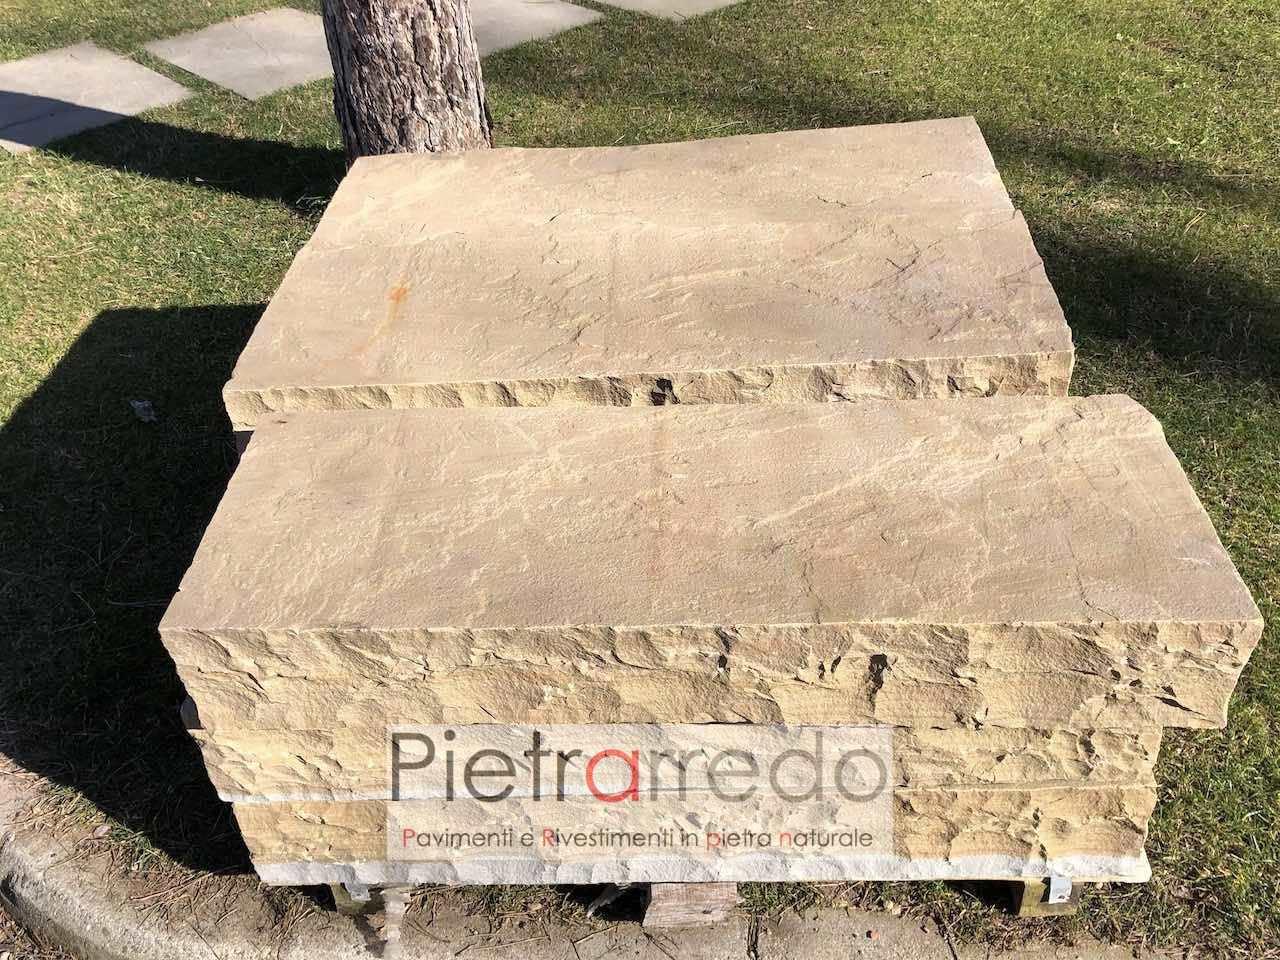 gradini gradoni in pietrea blocchi grezzi da posare sul prato giardino prezzo pietrarredo milano